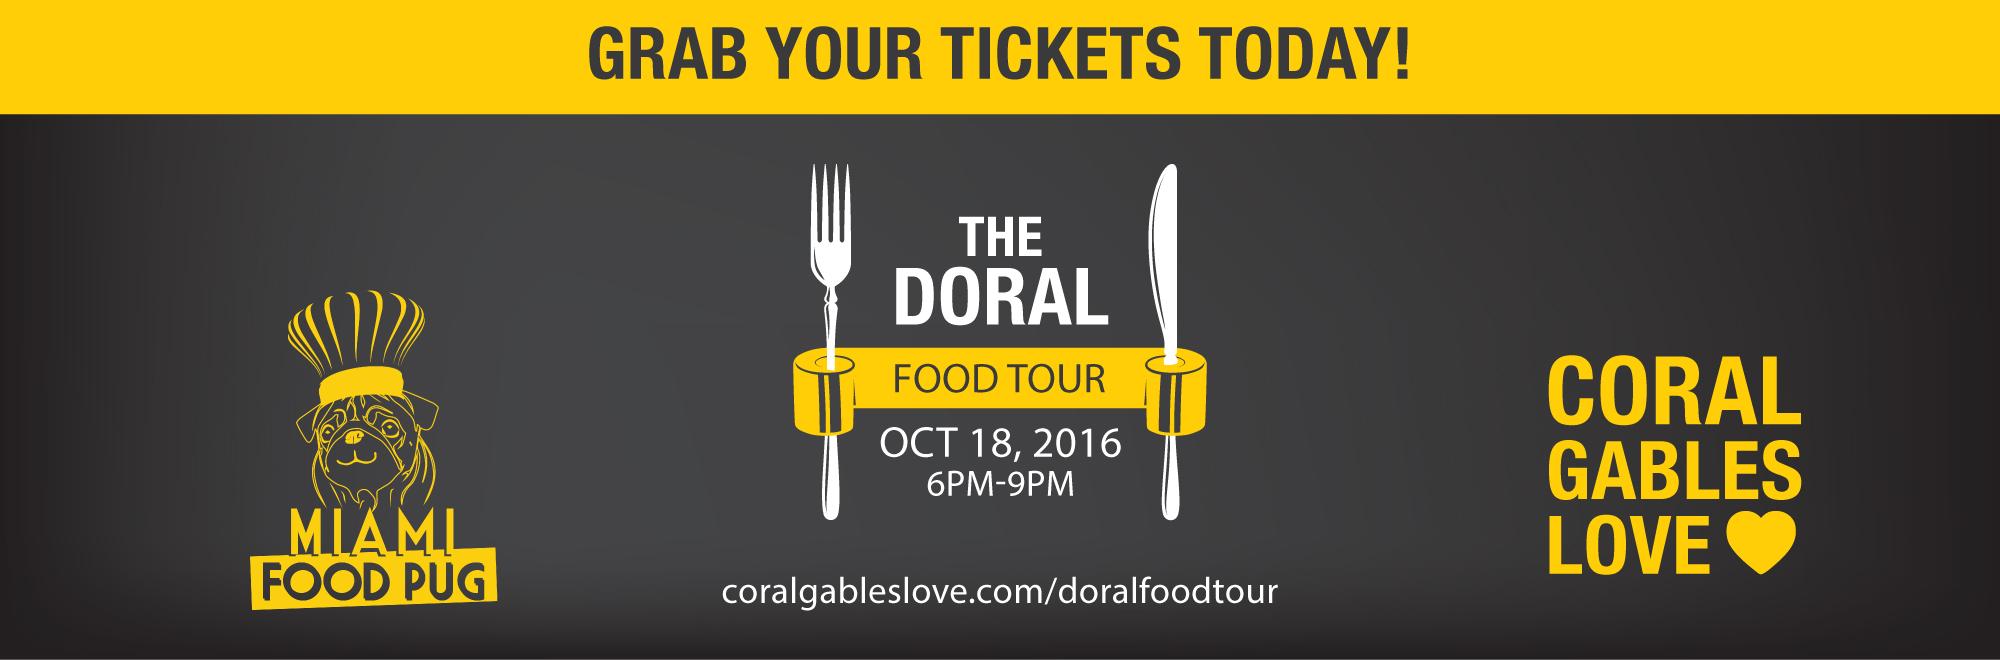 Doral Food Tour October 2016